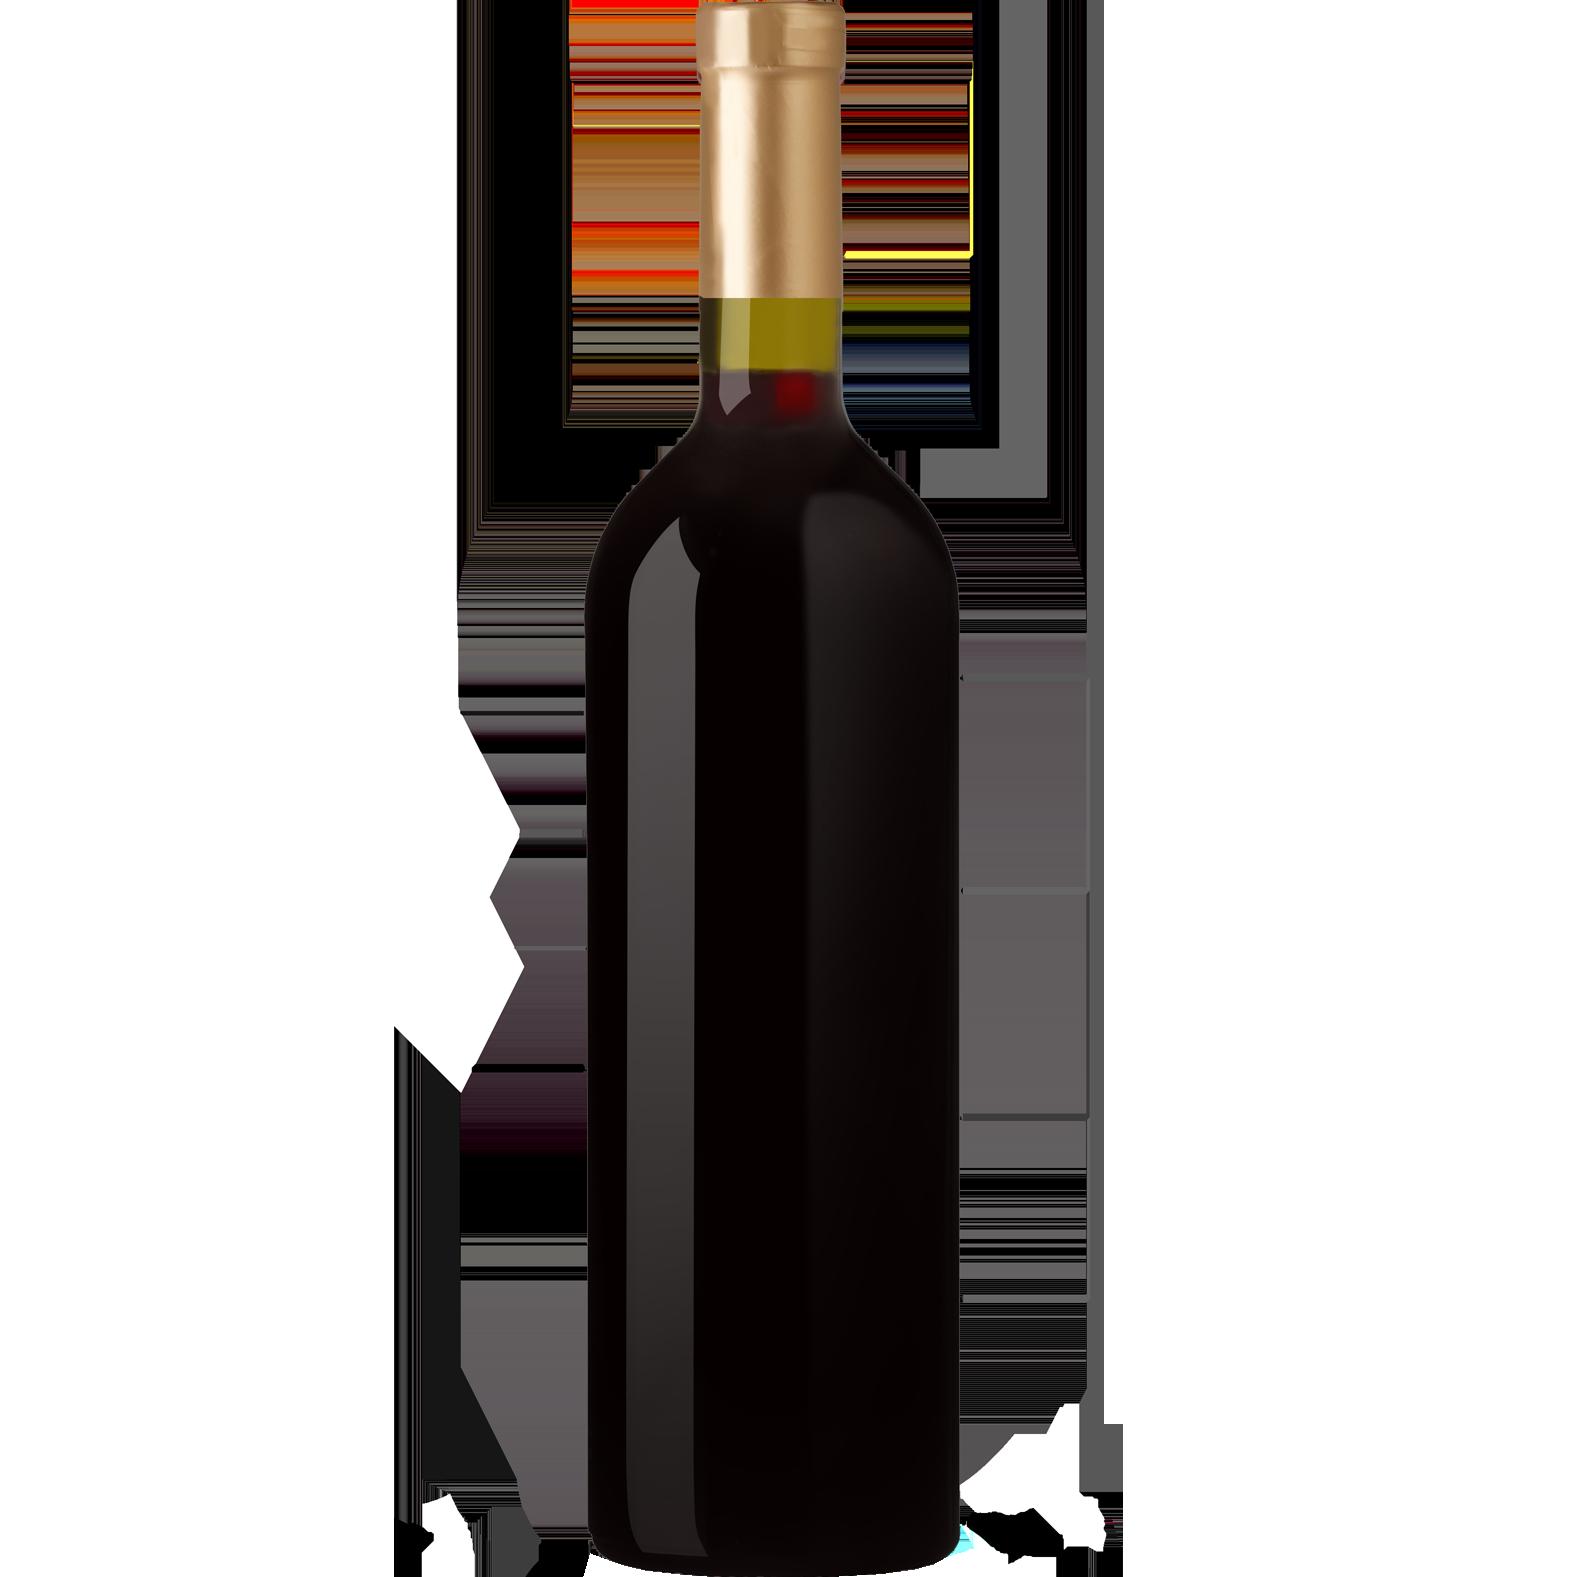 можно картинки вино без фона другие лица, освоившие